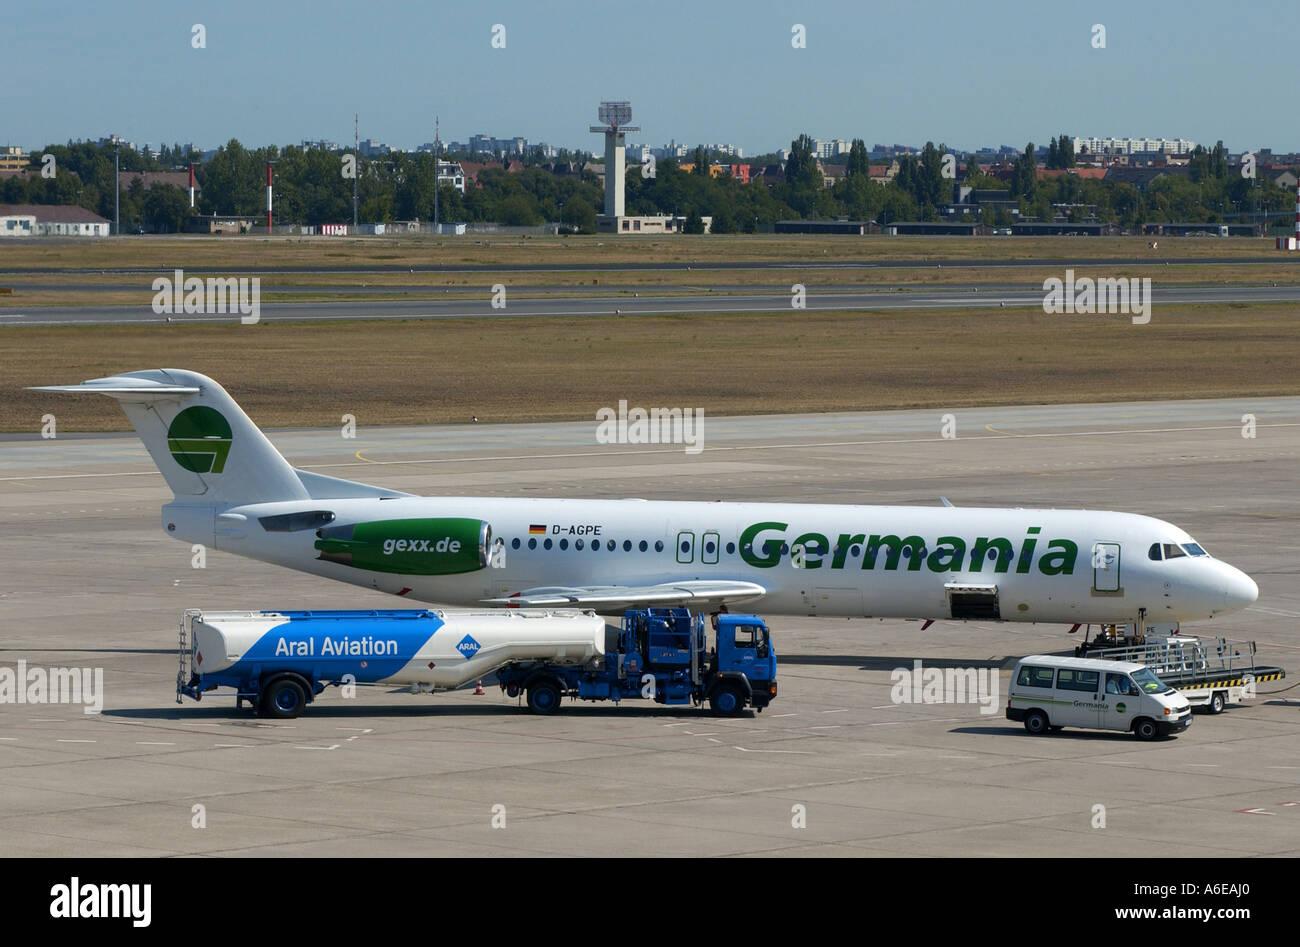 Air Germania airplane and ARAL kerasin tank truck at Tegel airport, Berlin - Stock Image